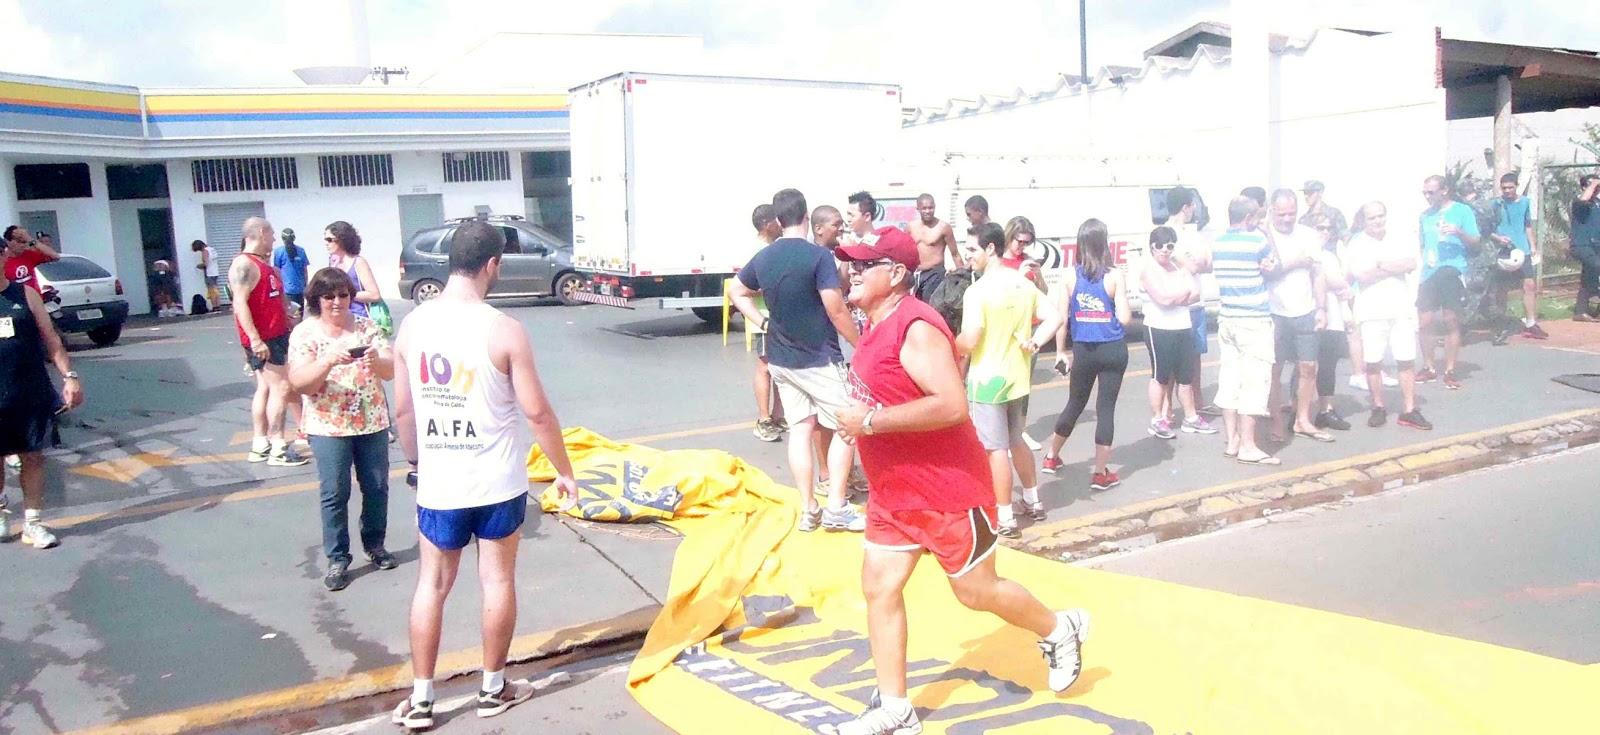 Foto 187 da 1ª Corrida Av. dos Coqueiros em Barretos-SP 14/04/2013 – Atletas cruzando a linha de chegada